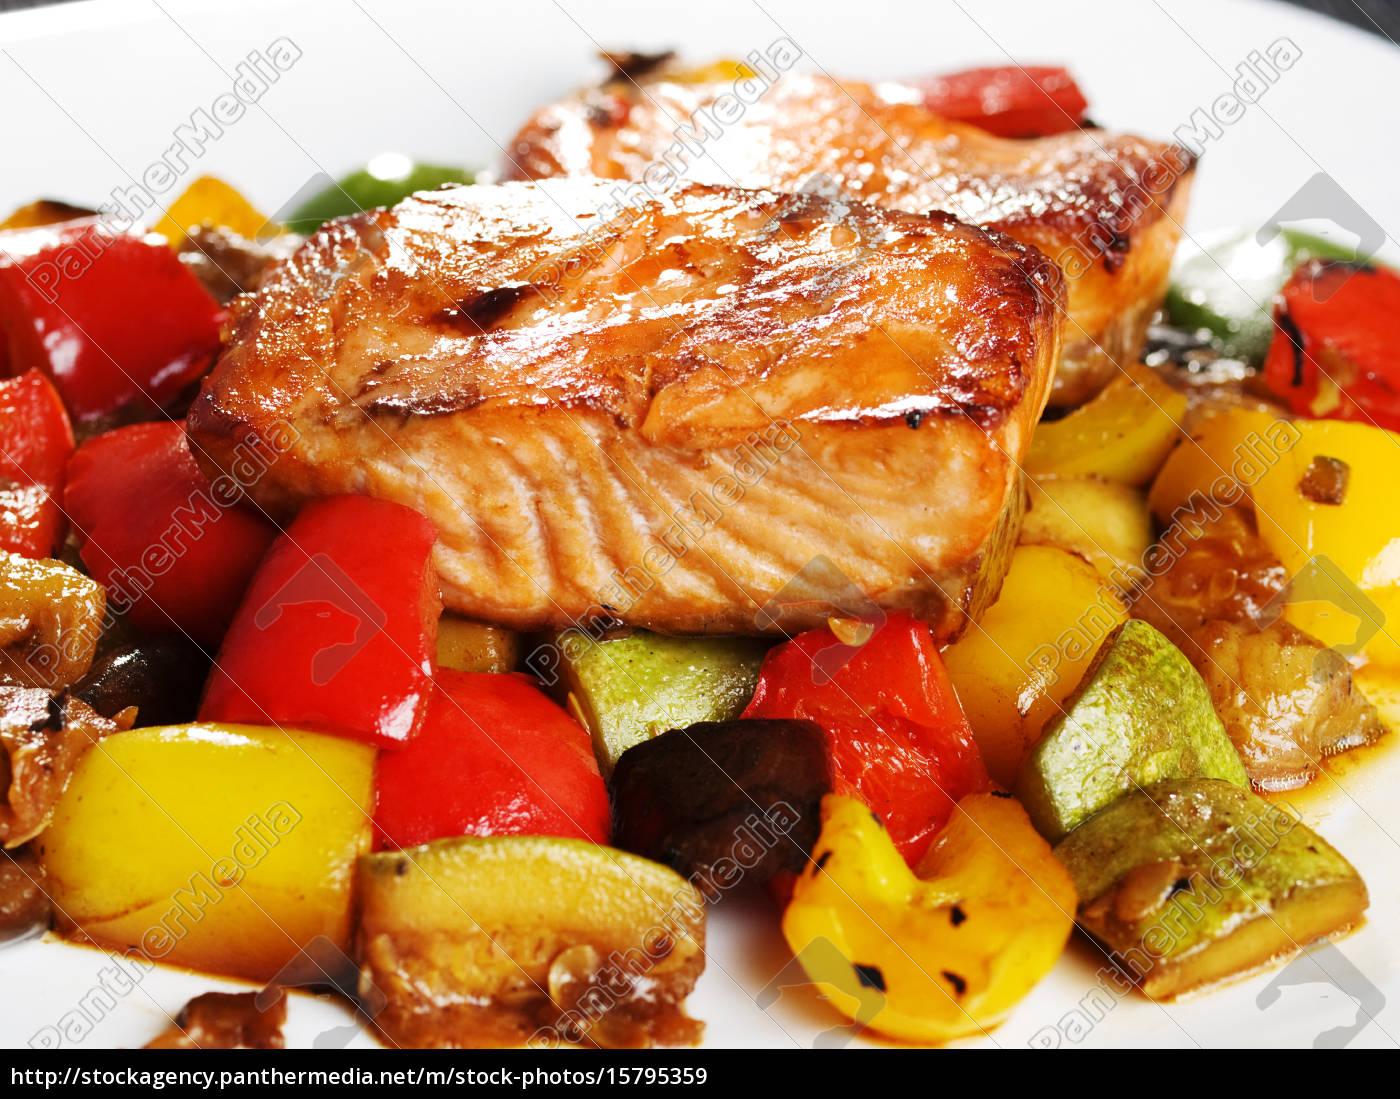 teriyaki, salmon, teriyaki, salmon, teriyaki, salmon, teriyaki, salmon - 15795359